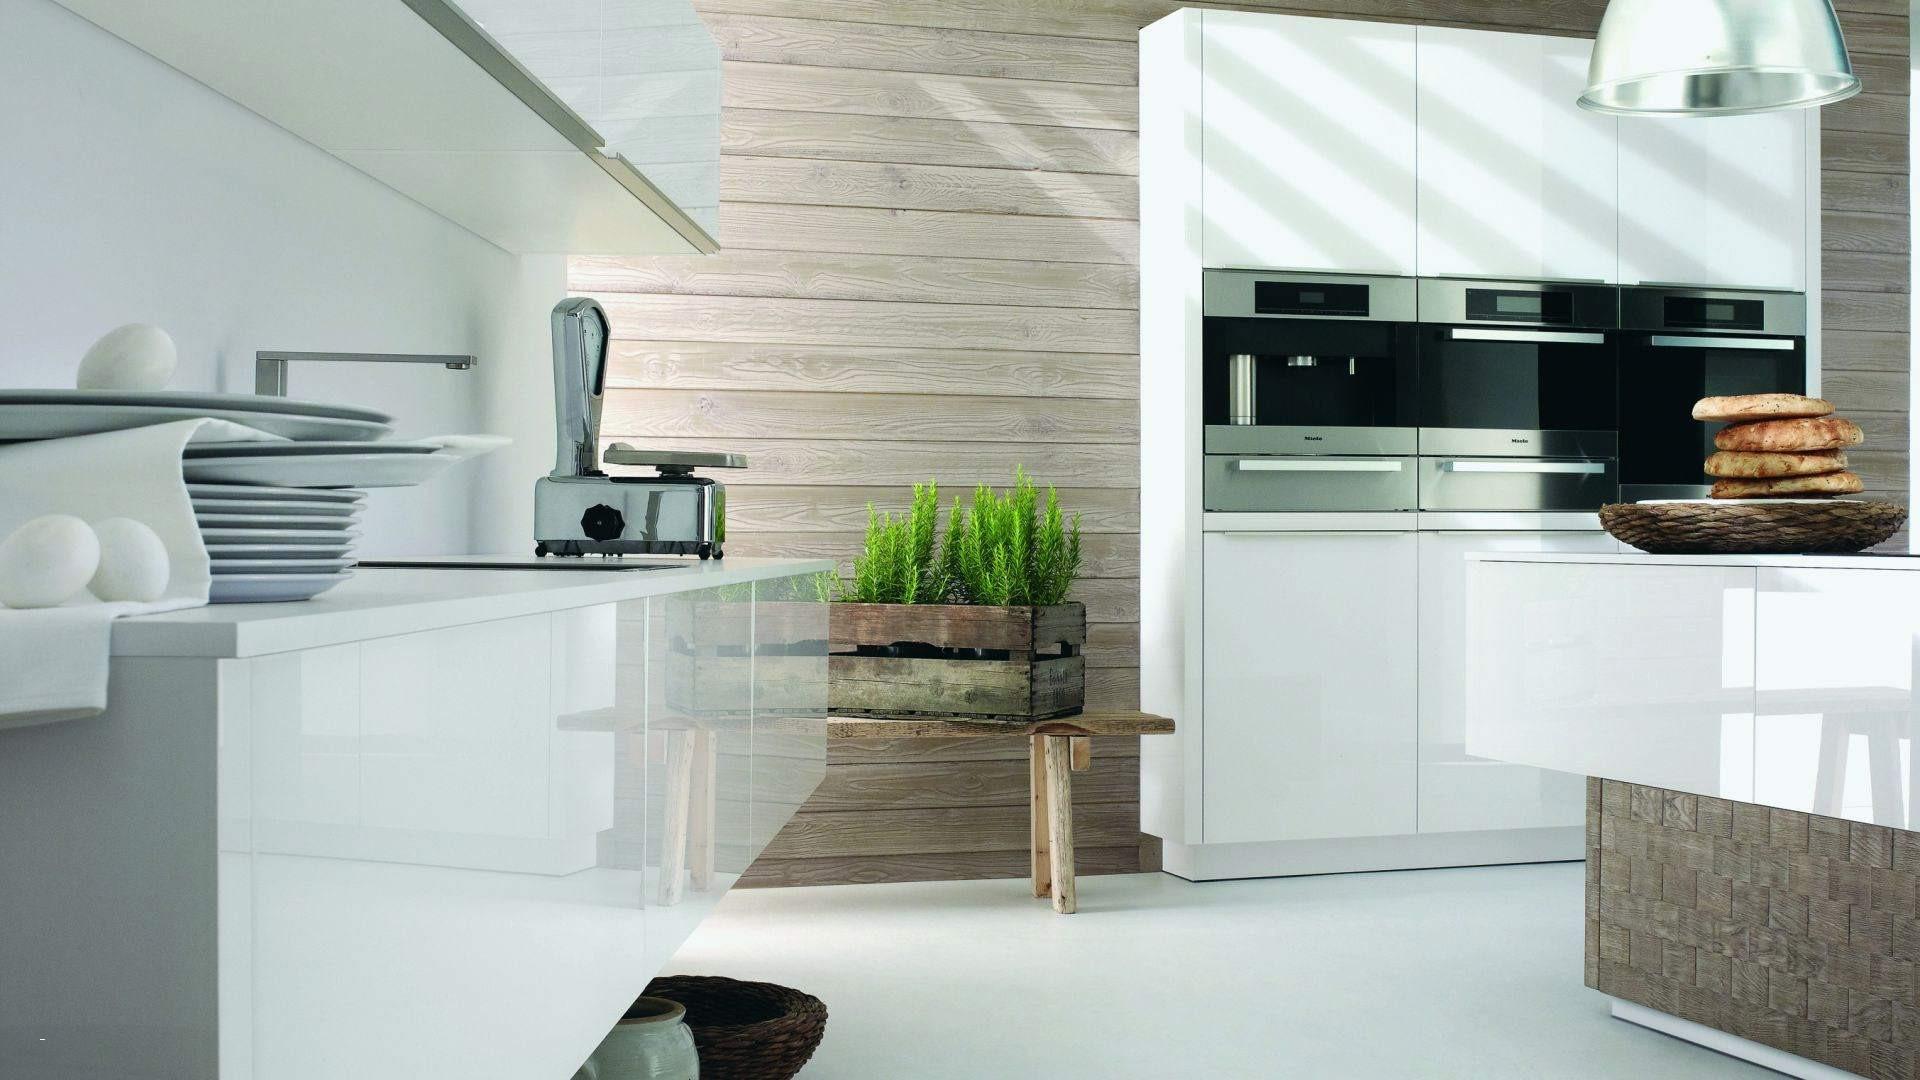 Etagere Plexiglas Ikea Luxe Galerie Ikea Montage Cuisine Meilleur De Installation Cuisine Inspirant 22